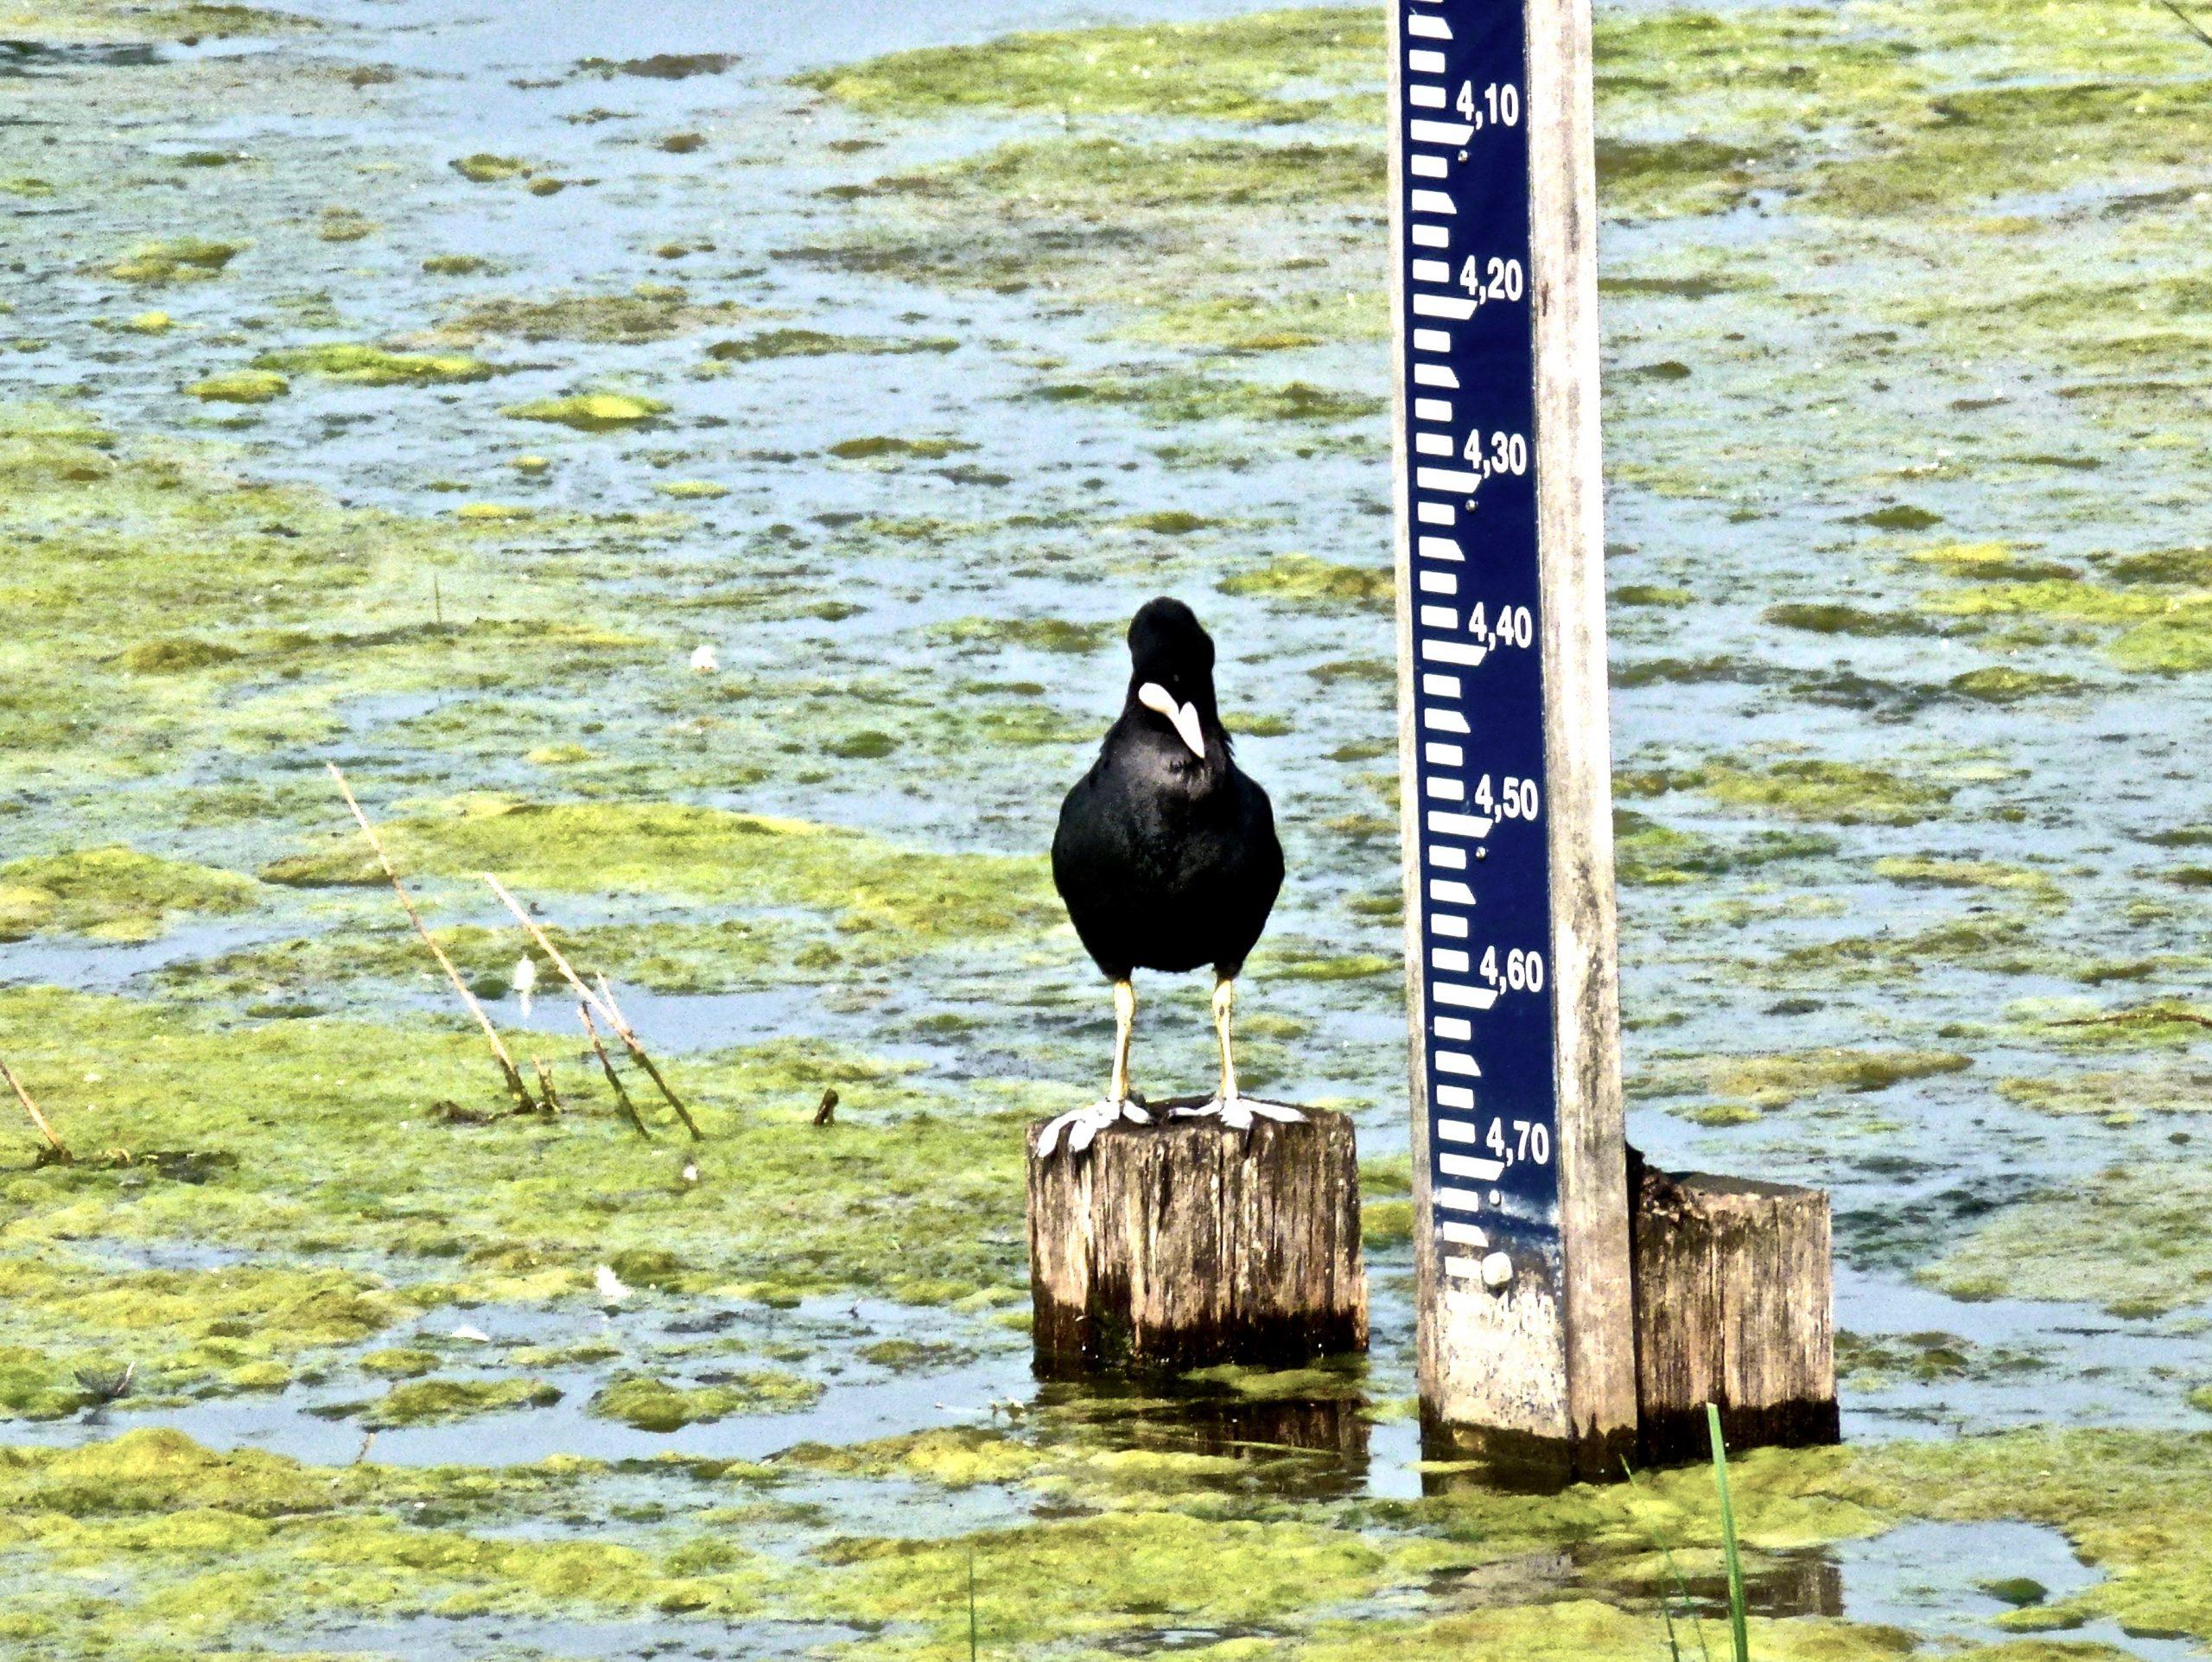 Een meerkoet inspecteert het waterpeil